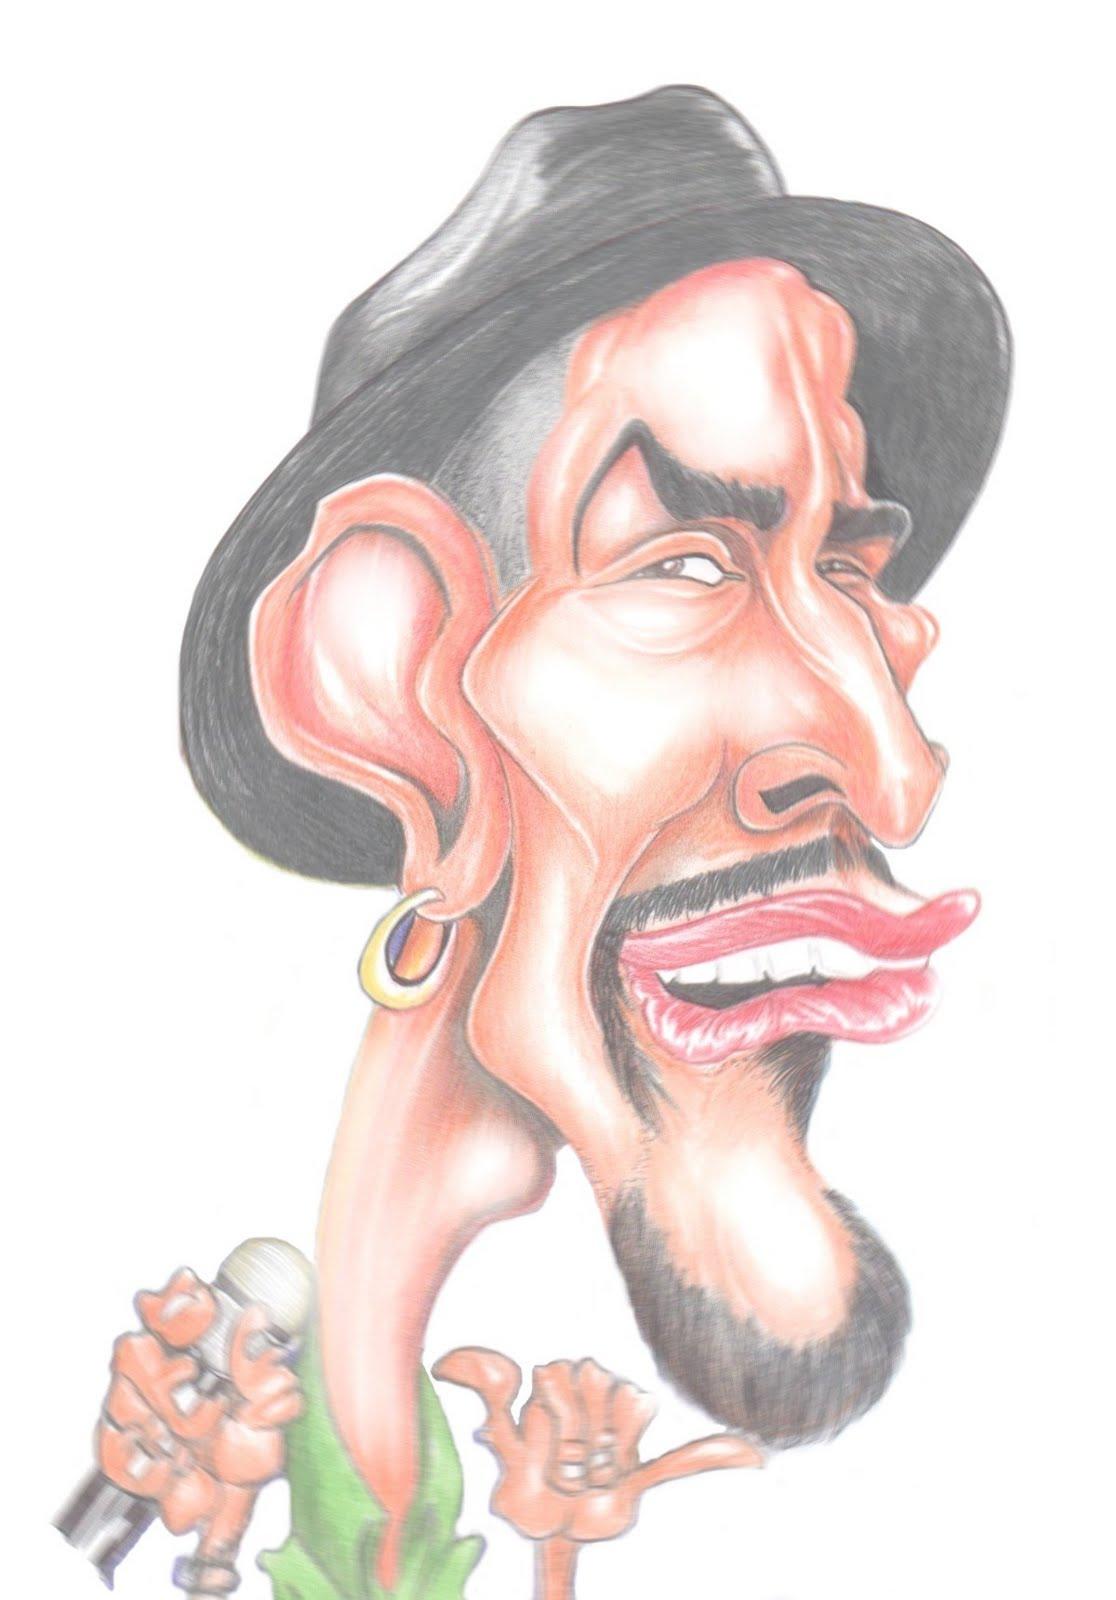 Caricaturas y dibujos de Cantantes Reggae.